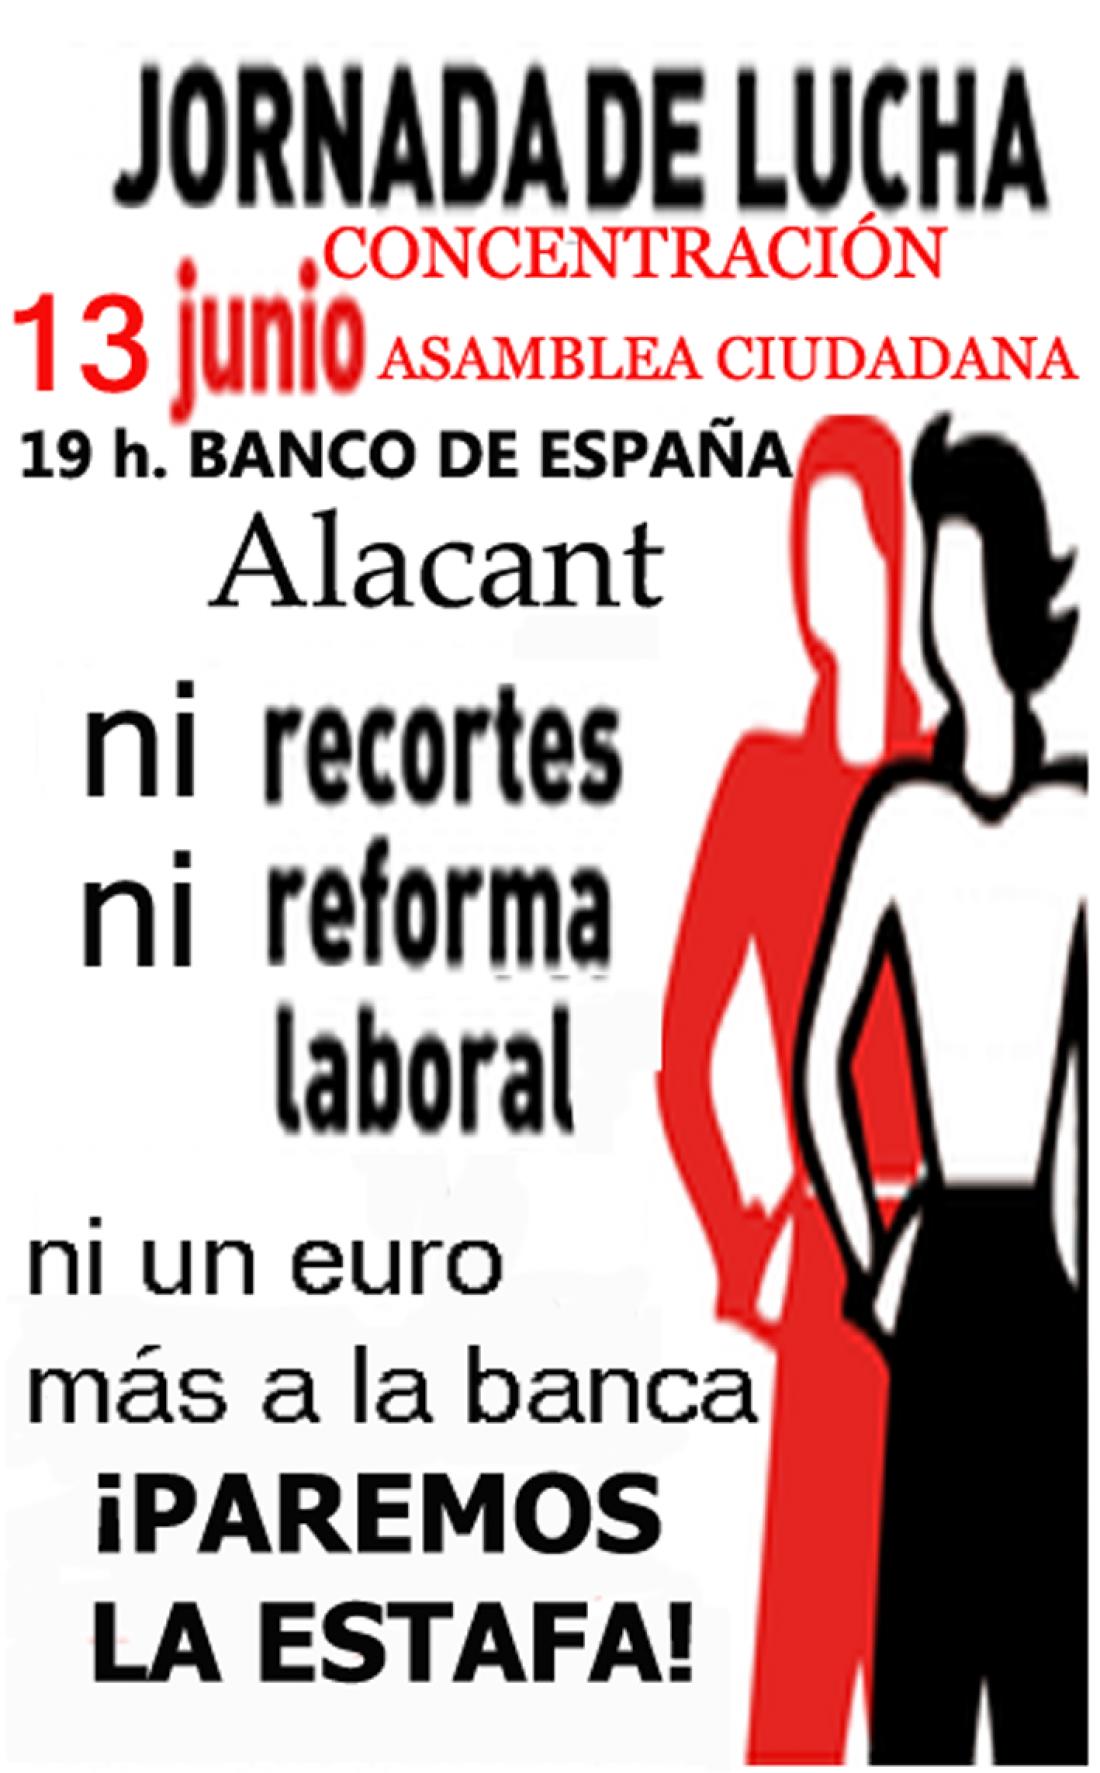 13-j Alacant: Jornada de lucha «Paremos la estafa de Bankia y Cia